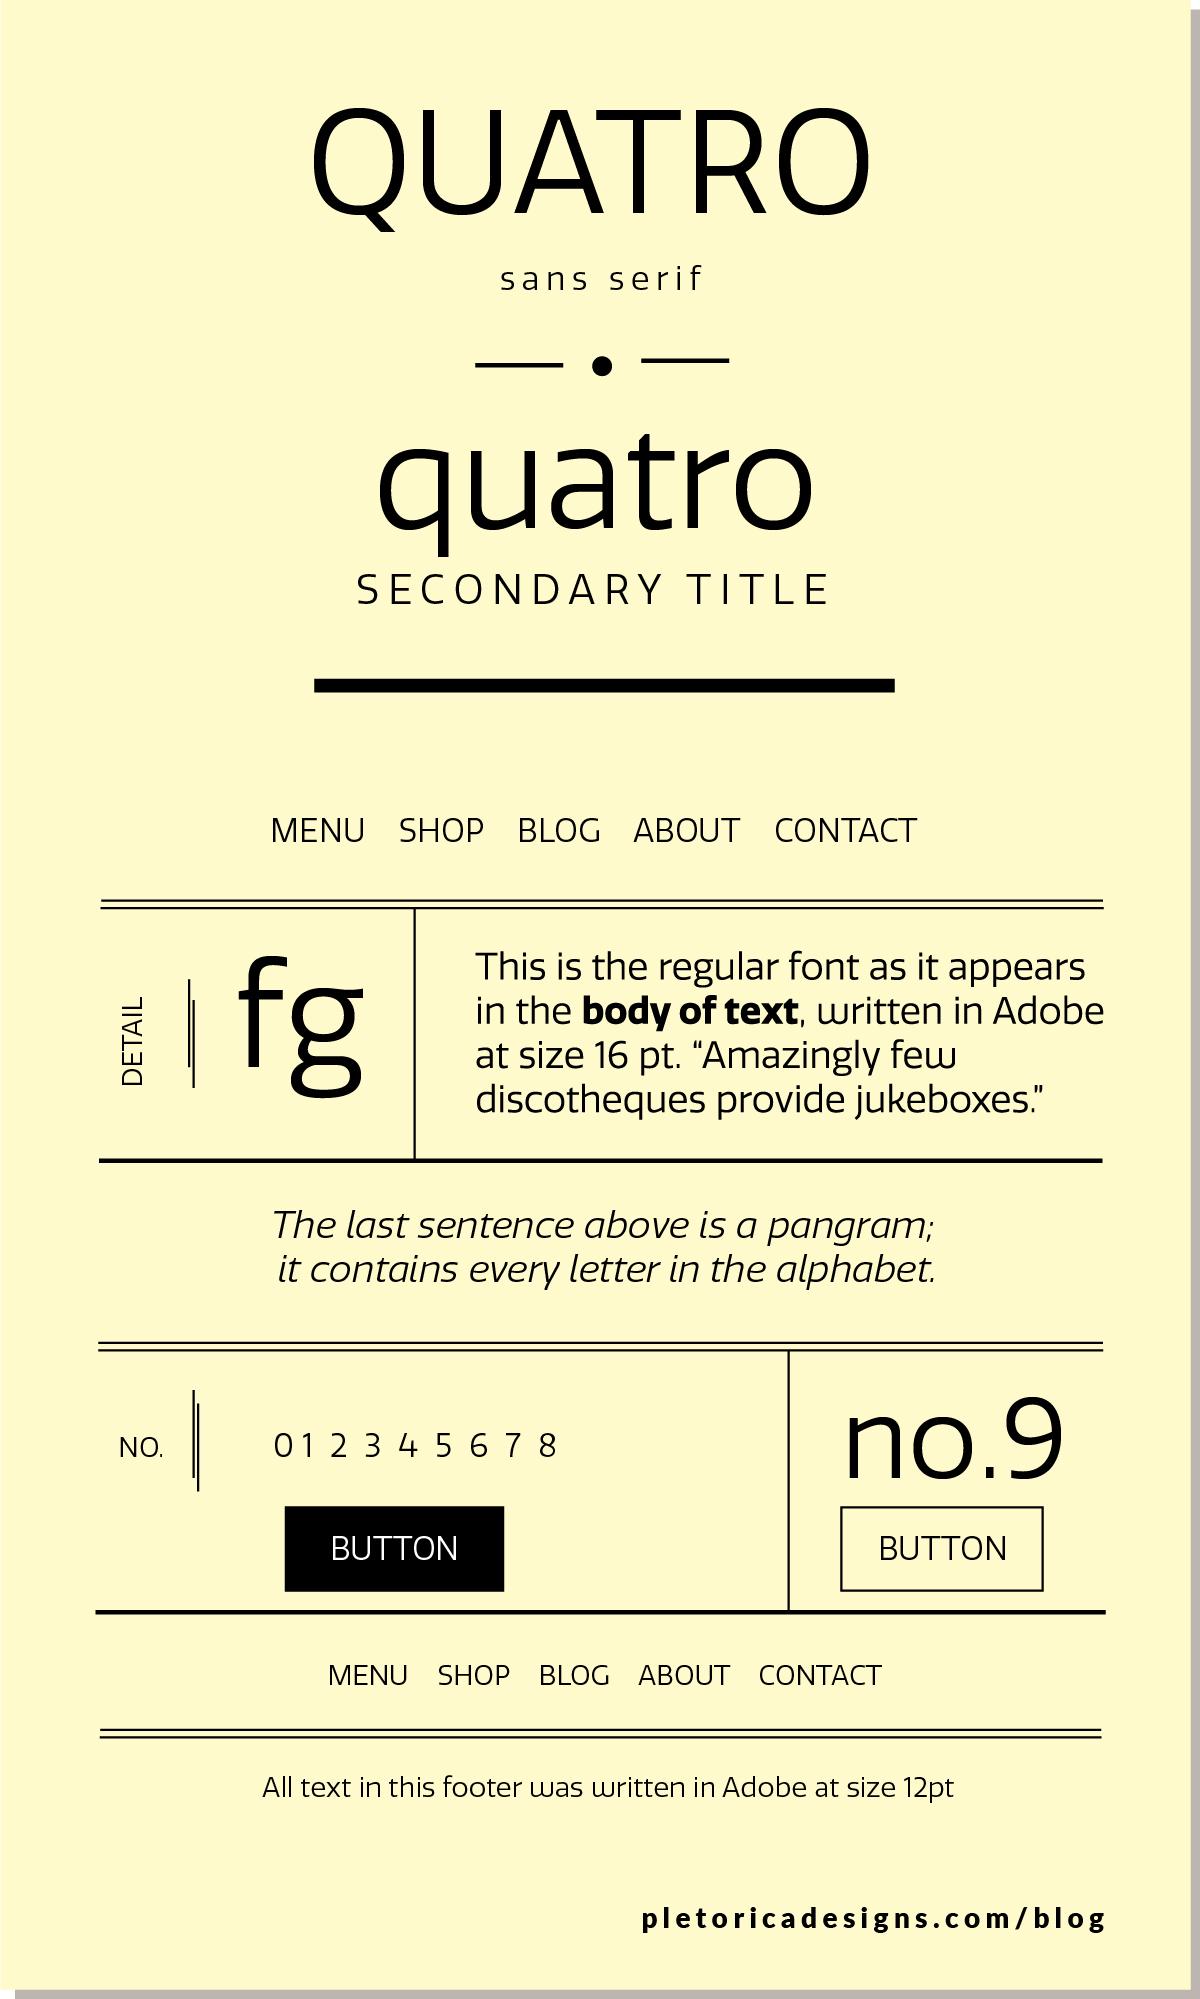 LET'S TYPE: Quatro — PLETÓRICA DESIGNS